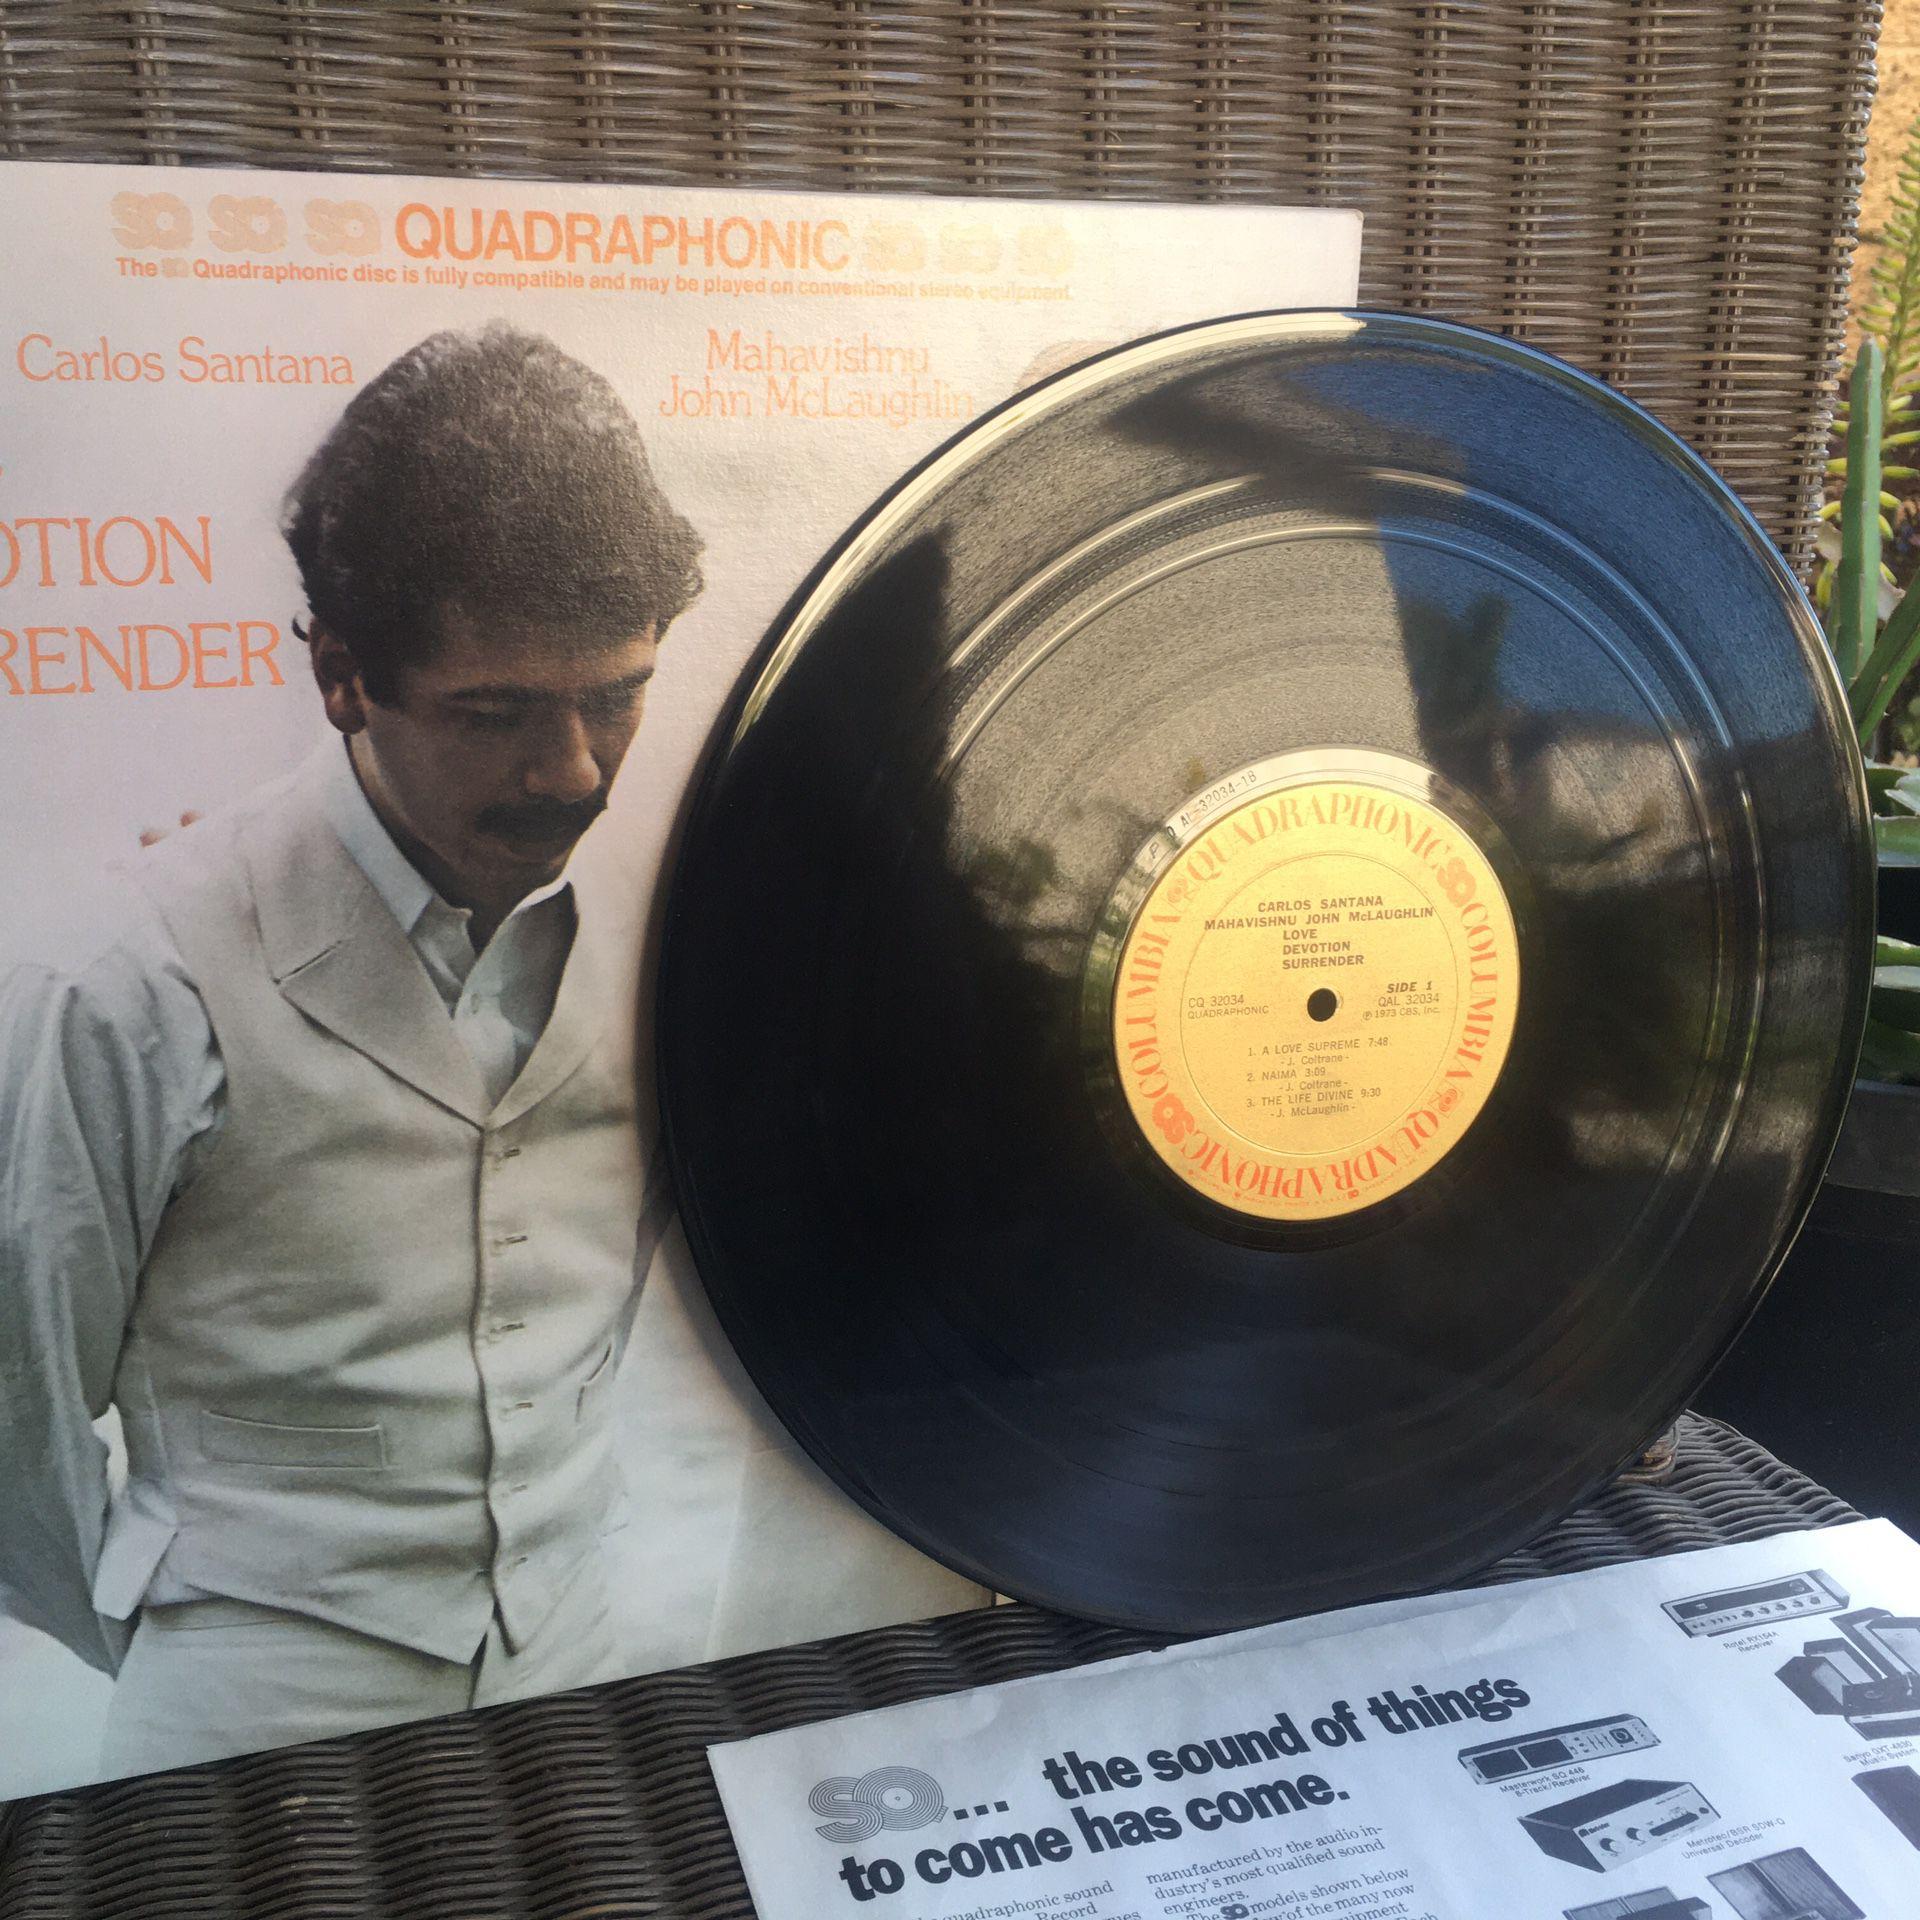 Carlos Santana & Mahavishnu John McLaughlin Vinyl Record